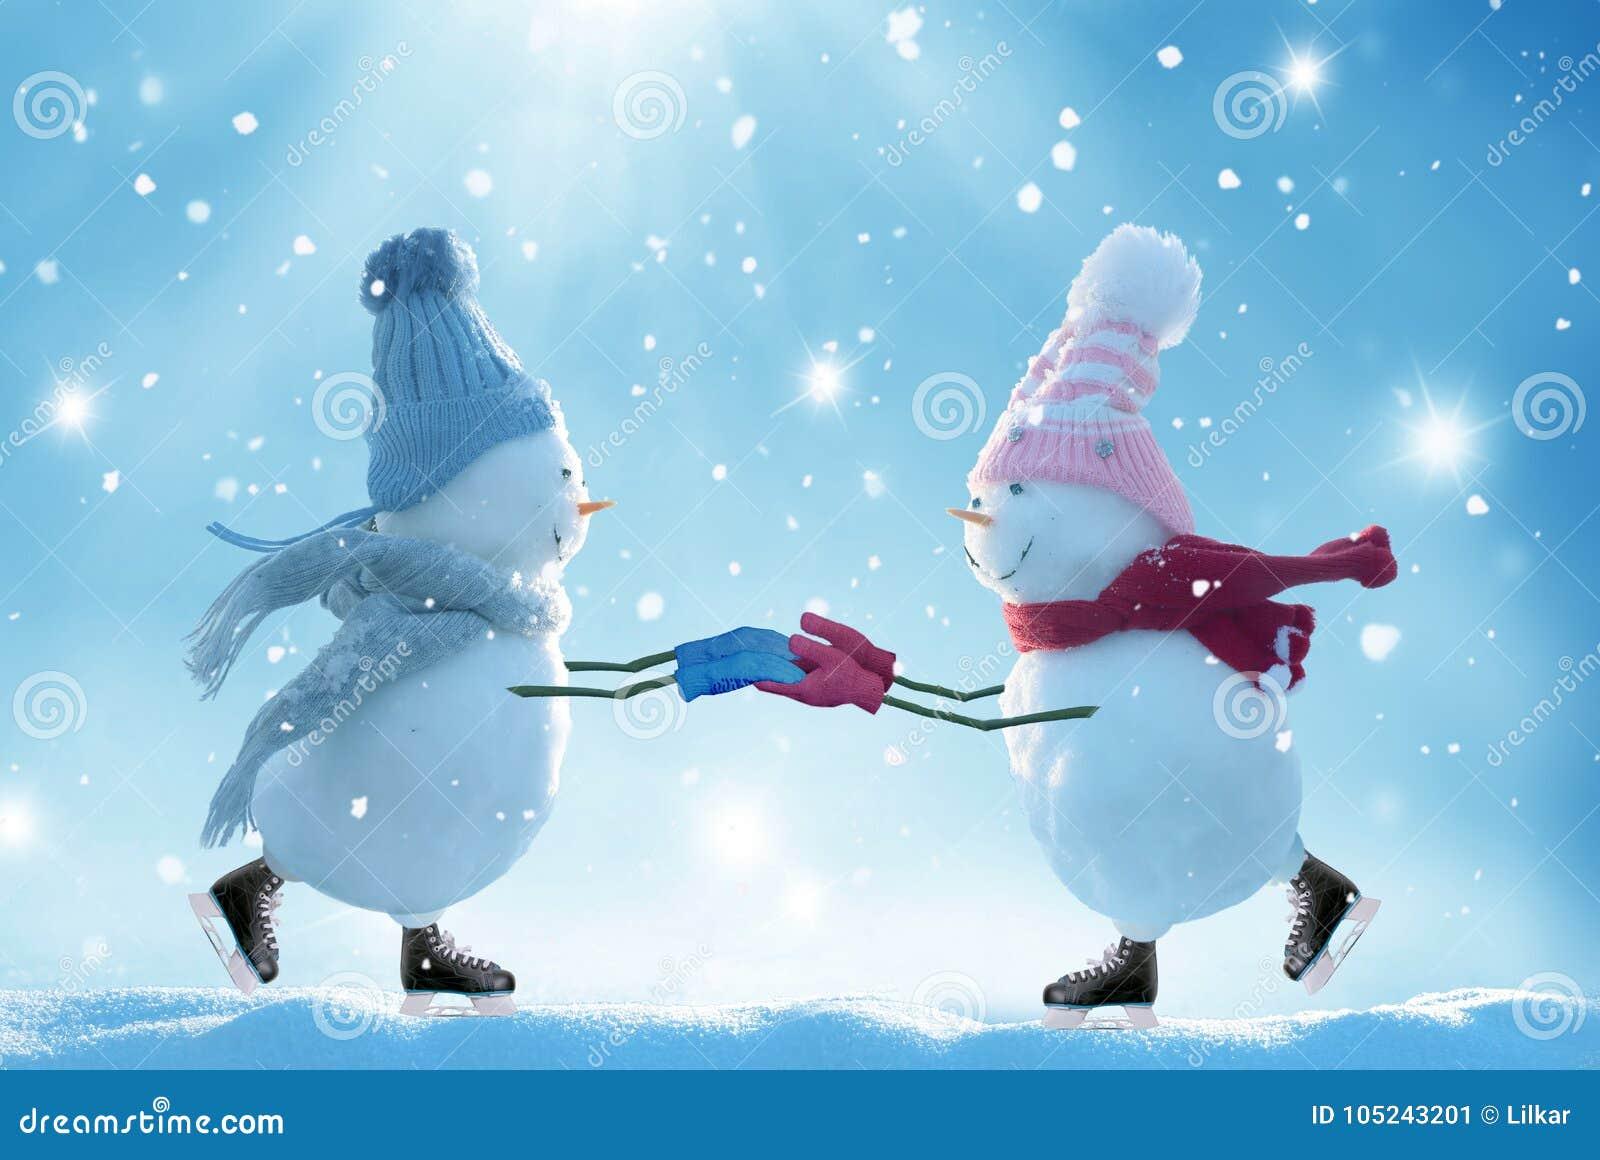 Dos muñecos de nieve del patinaje de hielo